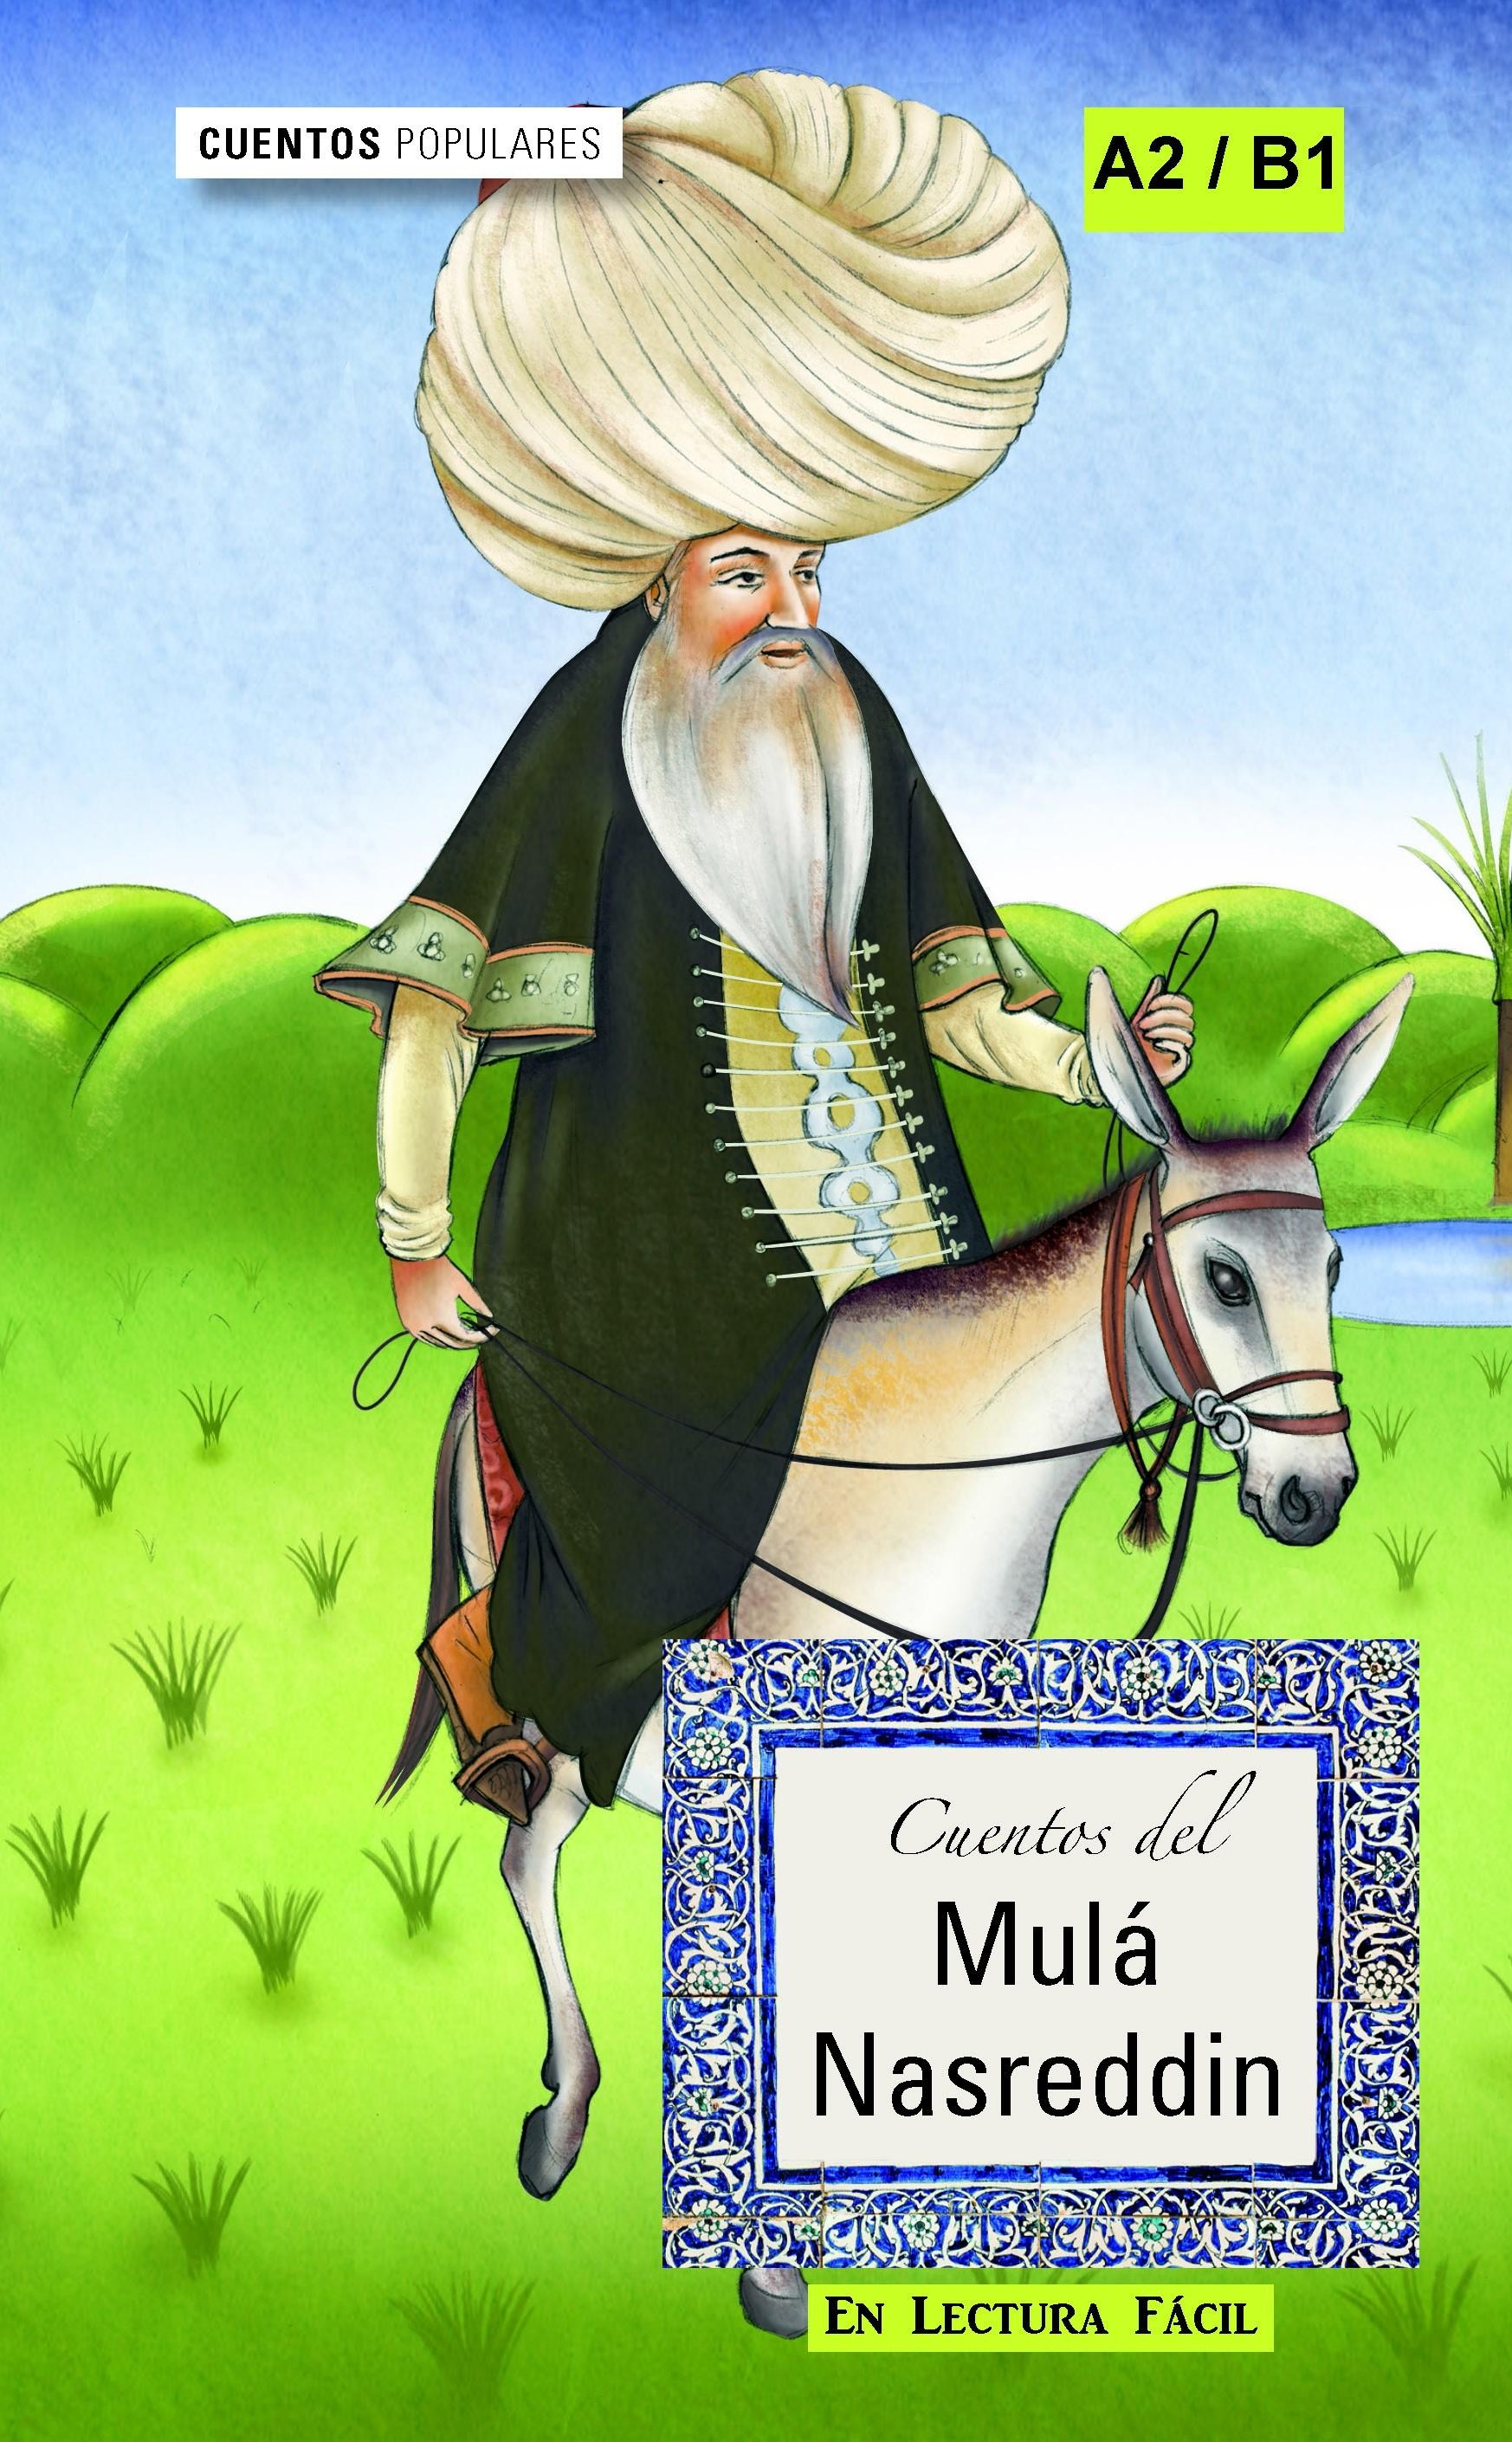 Cuentos del Mulá Nasreddin